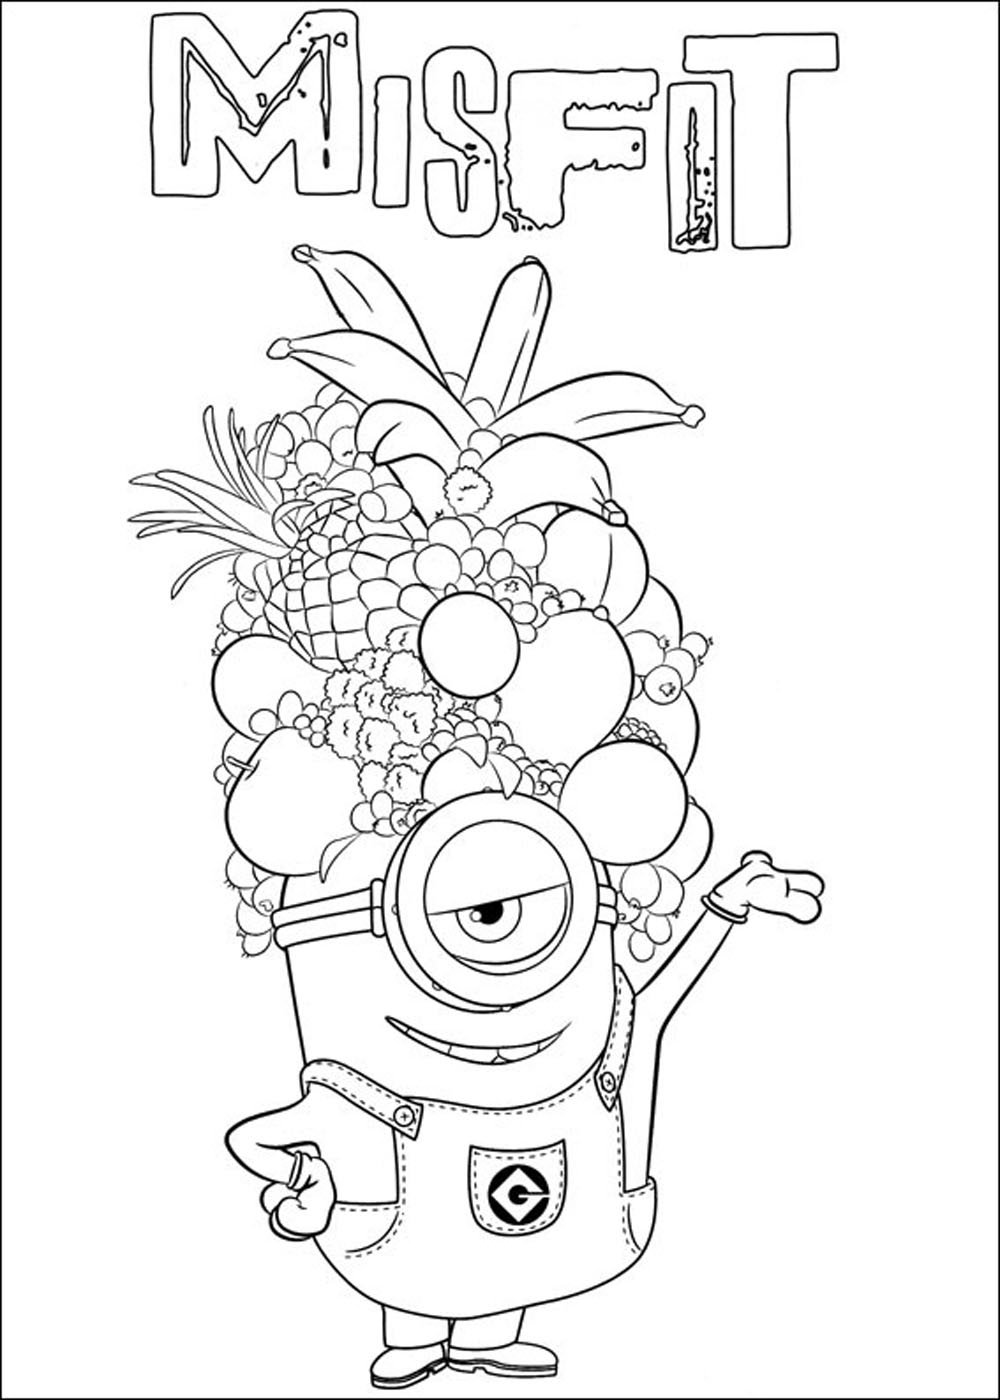 Im genes de minions para colorear dibujos de for Immagini dei minions da colorare